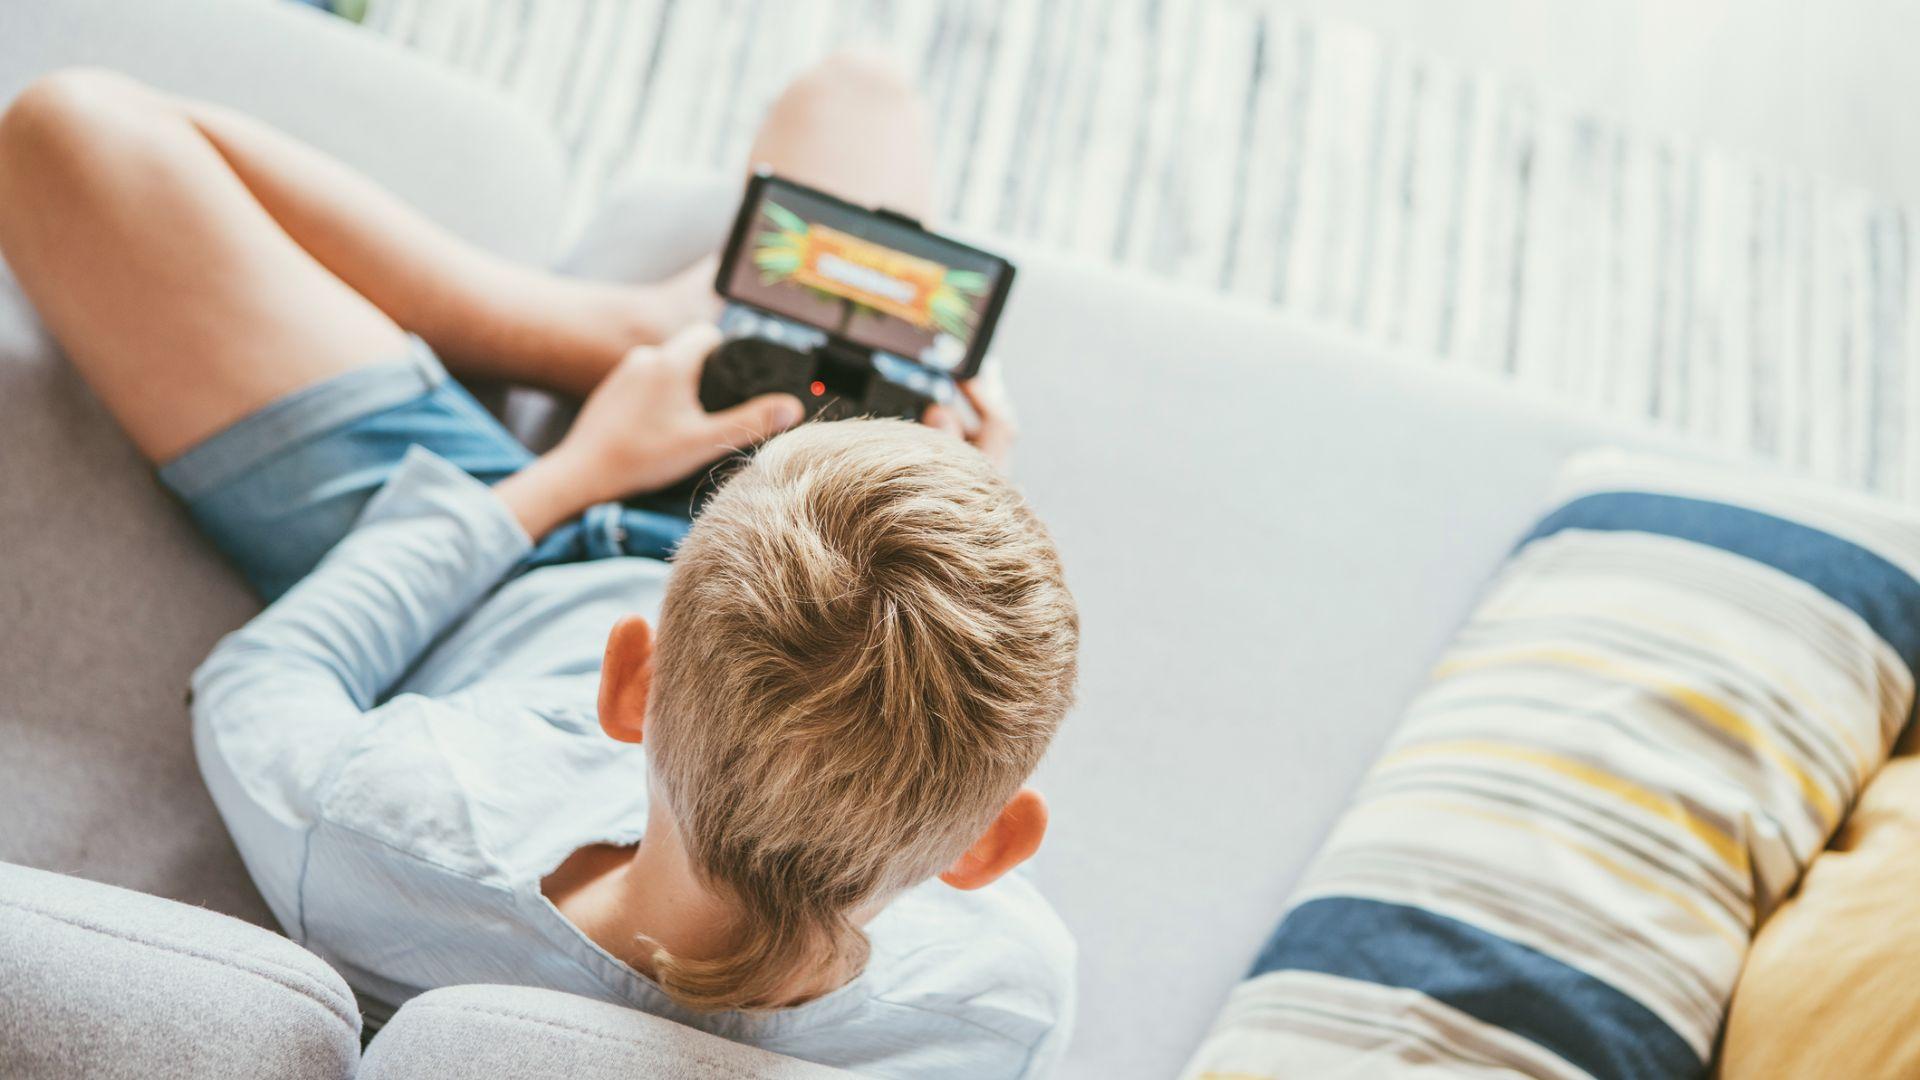 Мобилните игри повишават трафика на данни